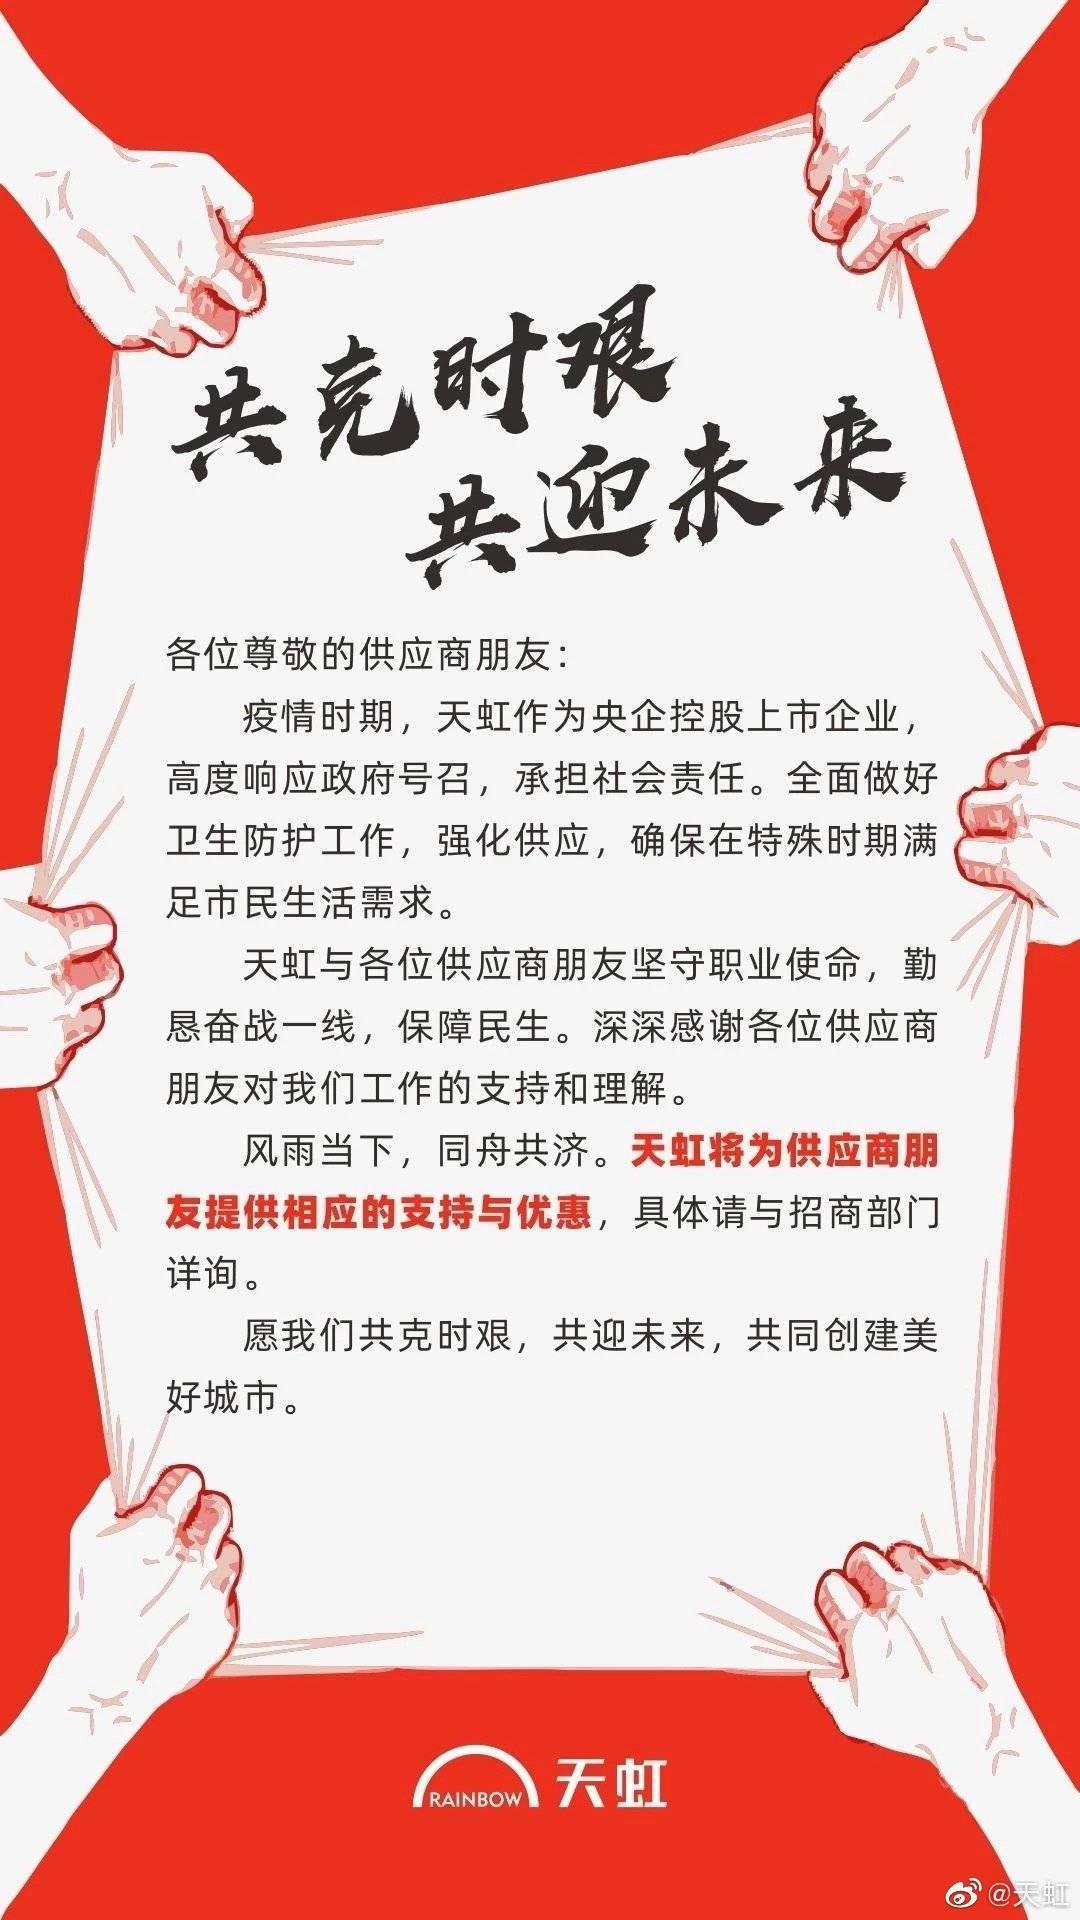 天虹对92家⻔店租赁商户免除1月25日至2月8日租金图片